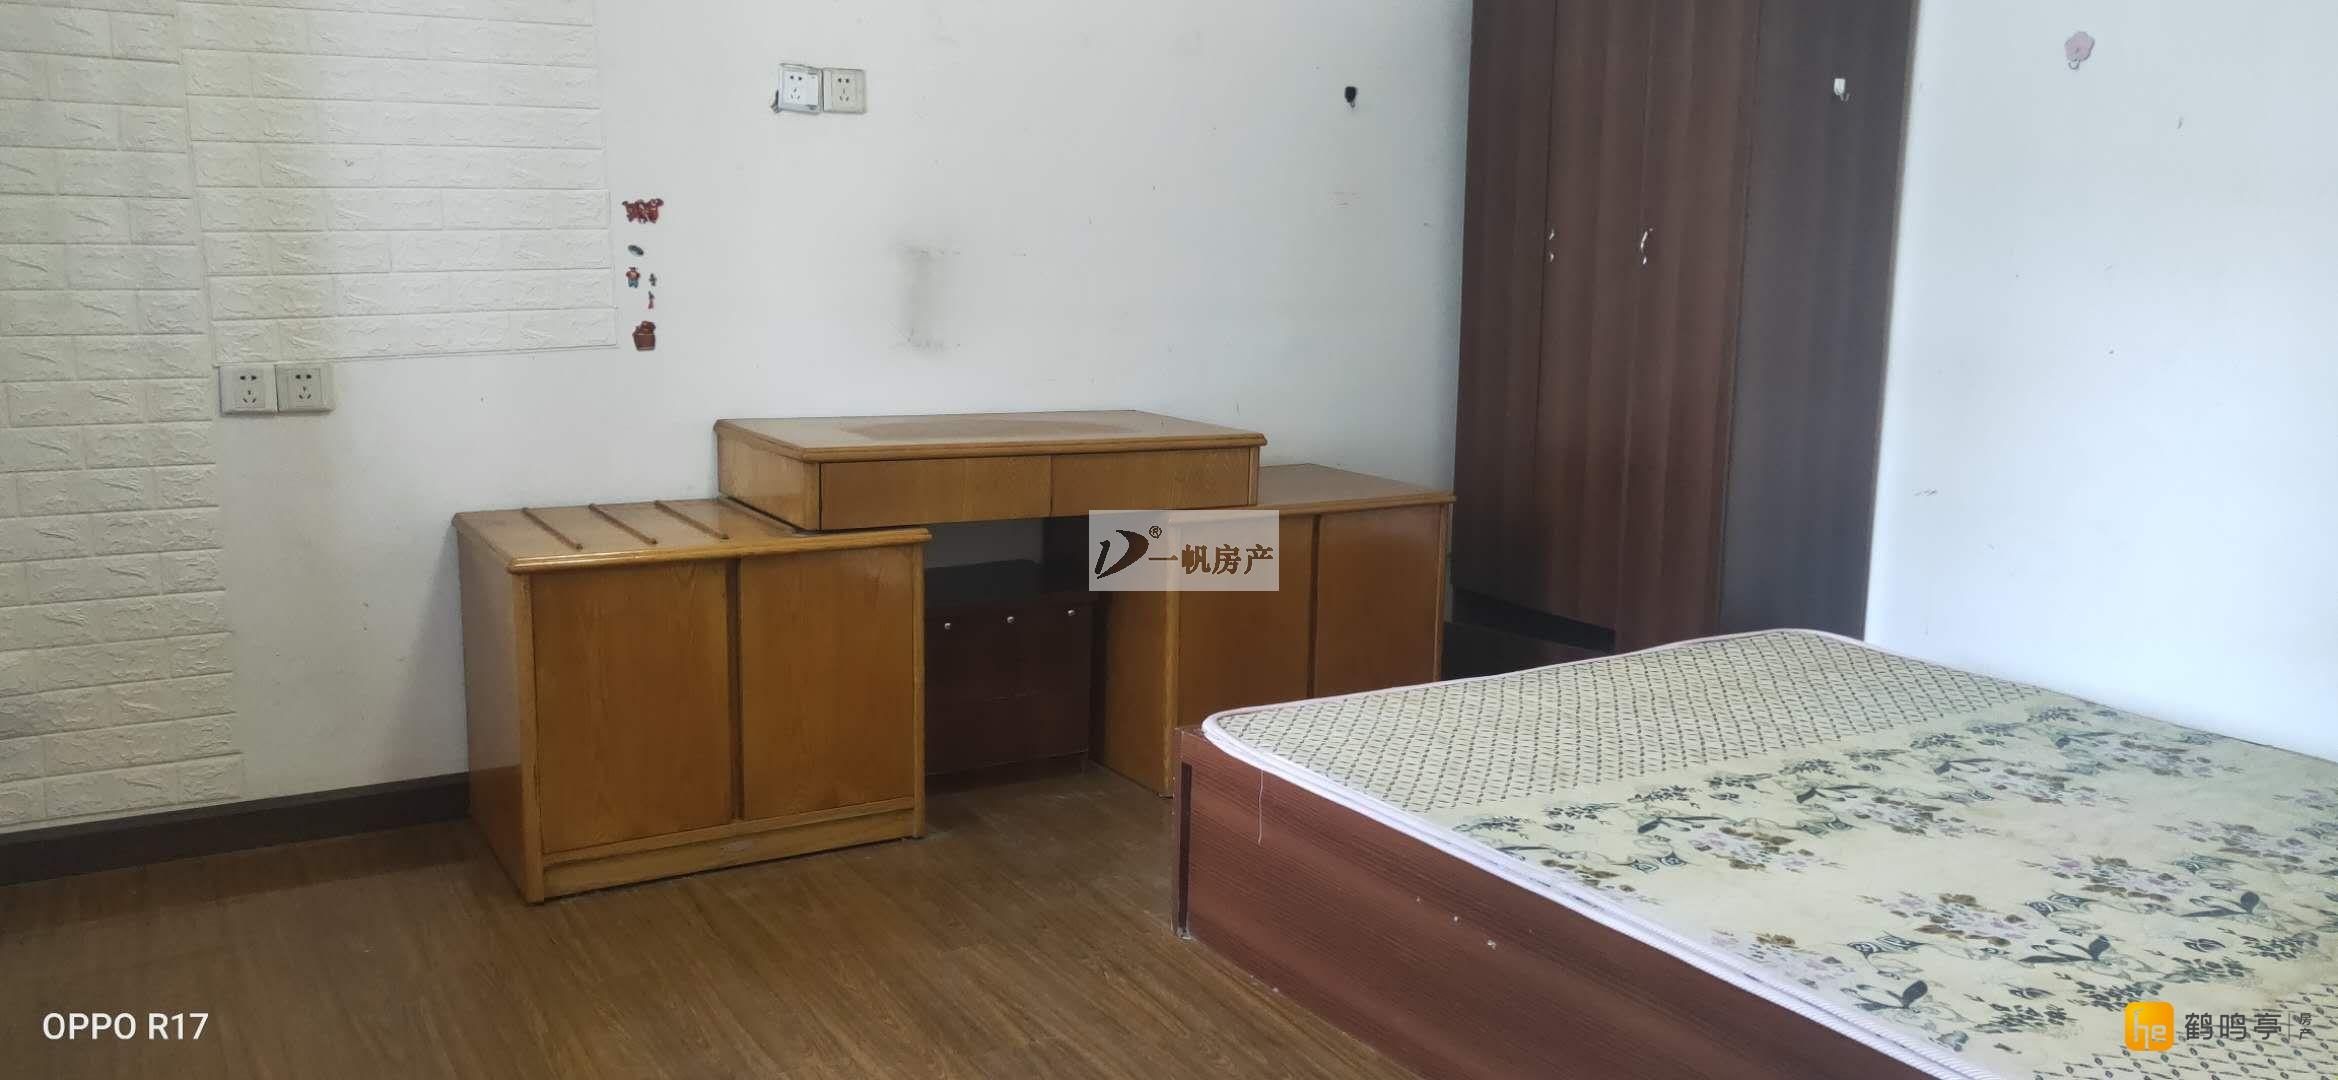 通榆北村 亨达公寓旁 悦达嘉园 简装两房 2楼 42万